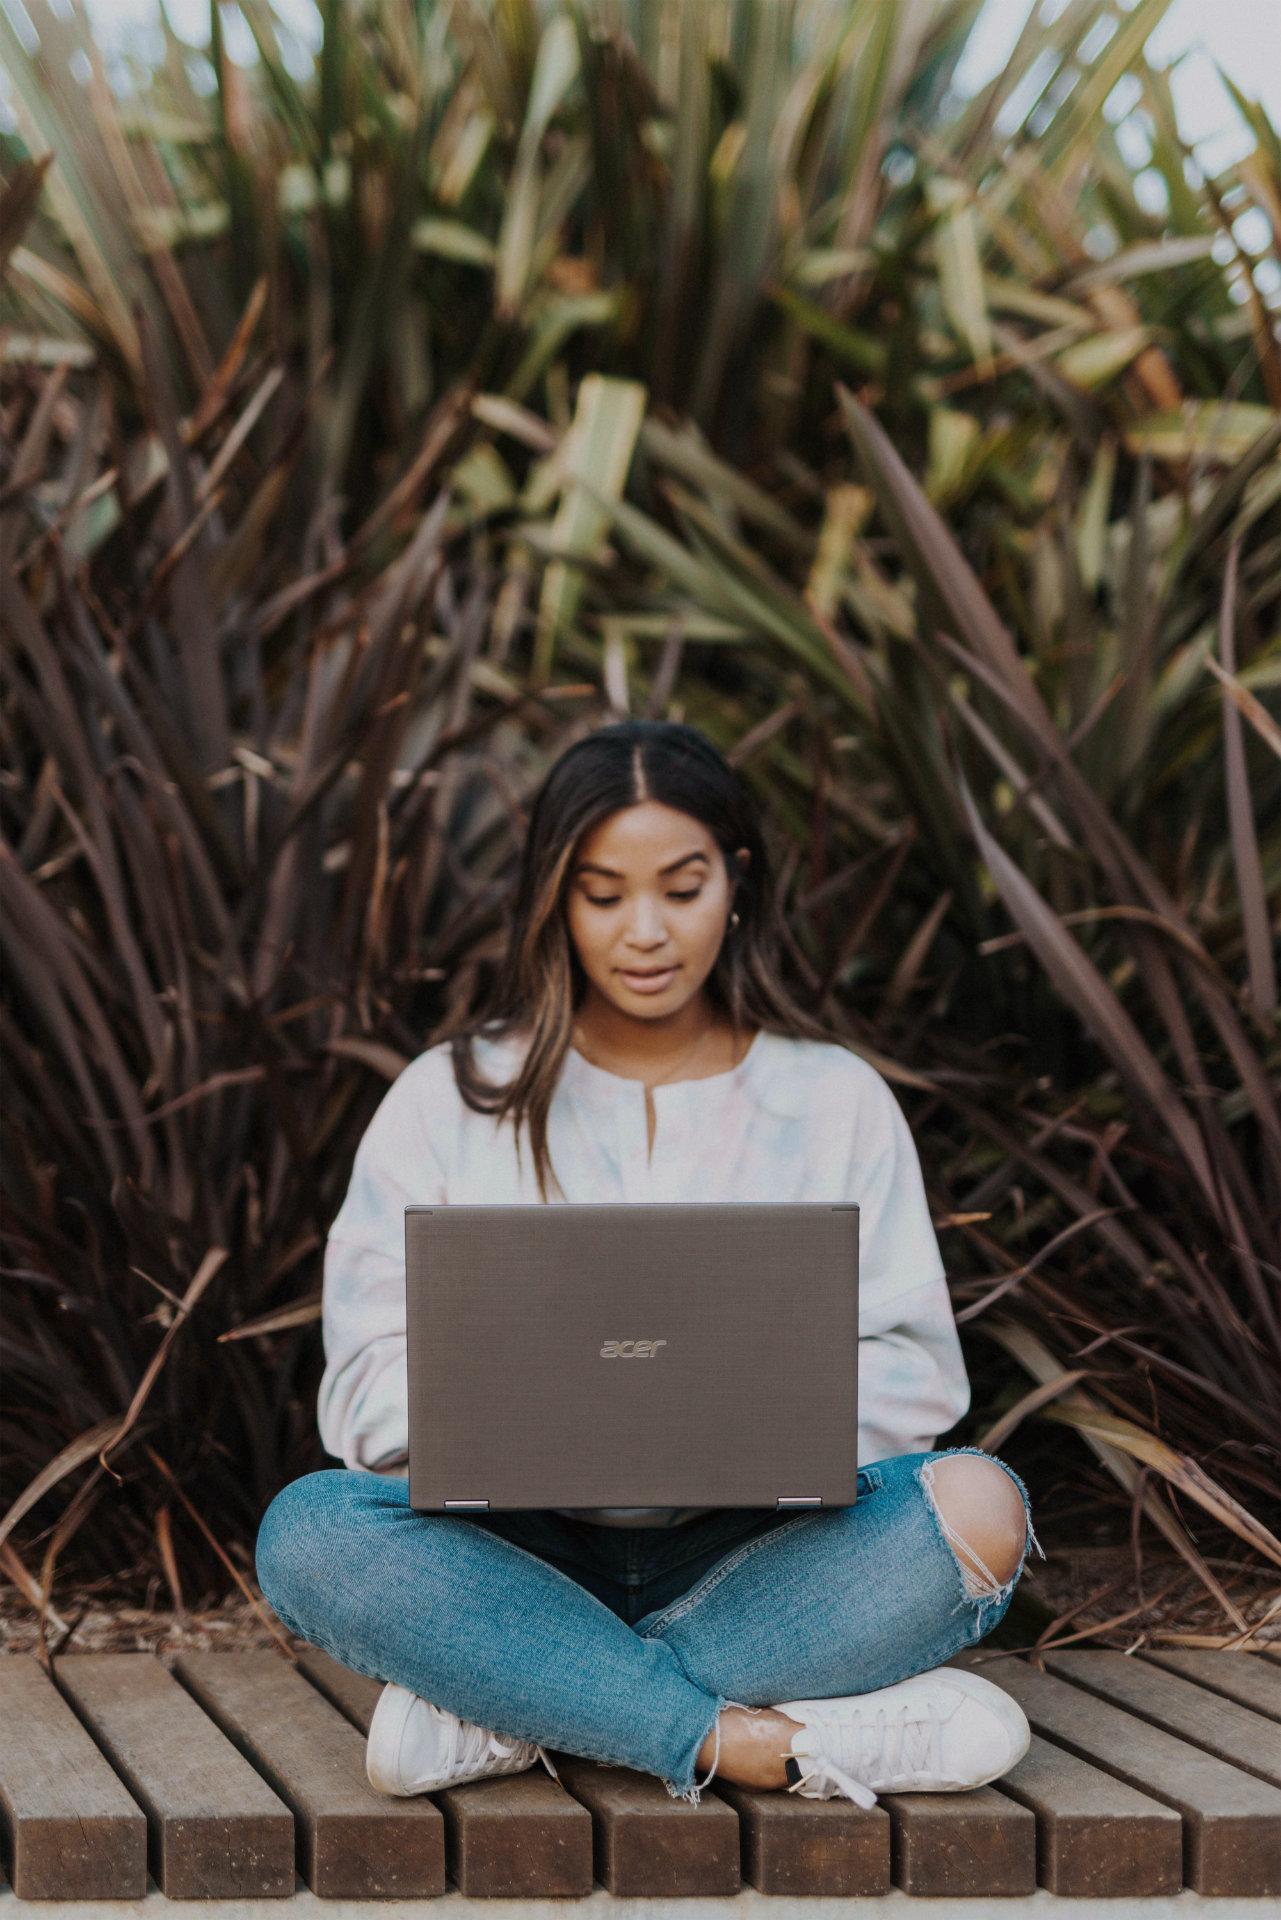 Kvinne med laptop på fanget